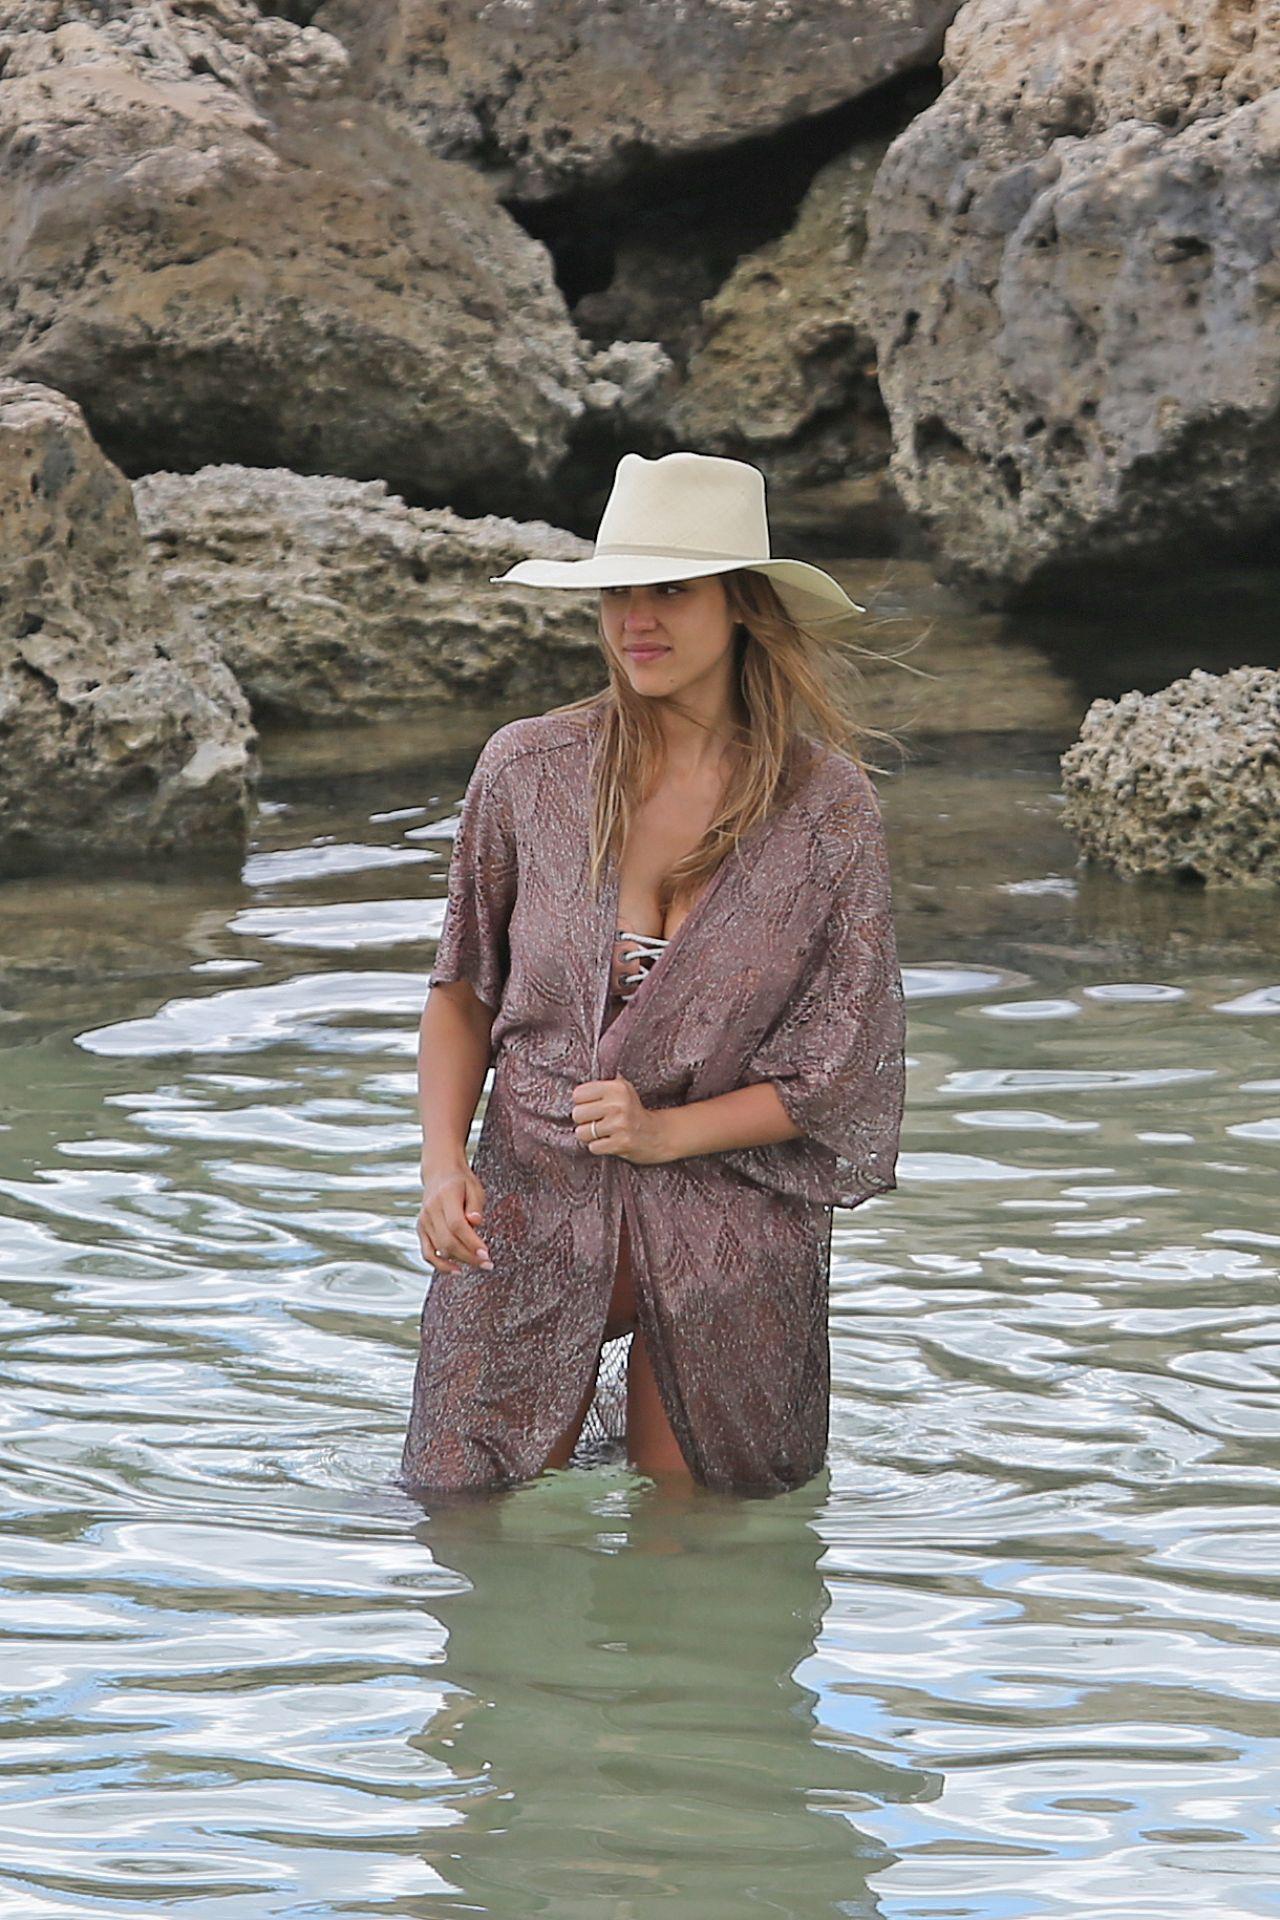 Süß russische blondie Elizaveta Golubeva genossen harte doppelpenetration am Strand